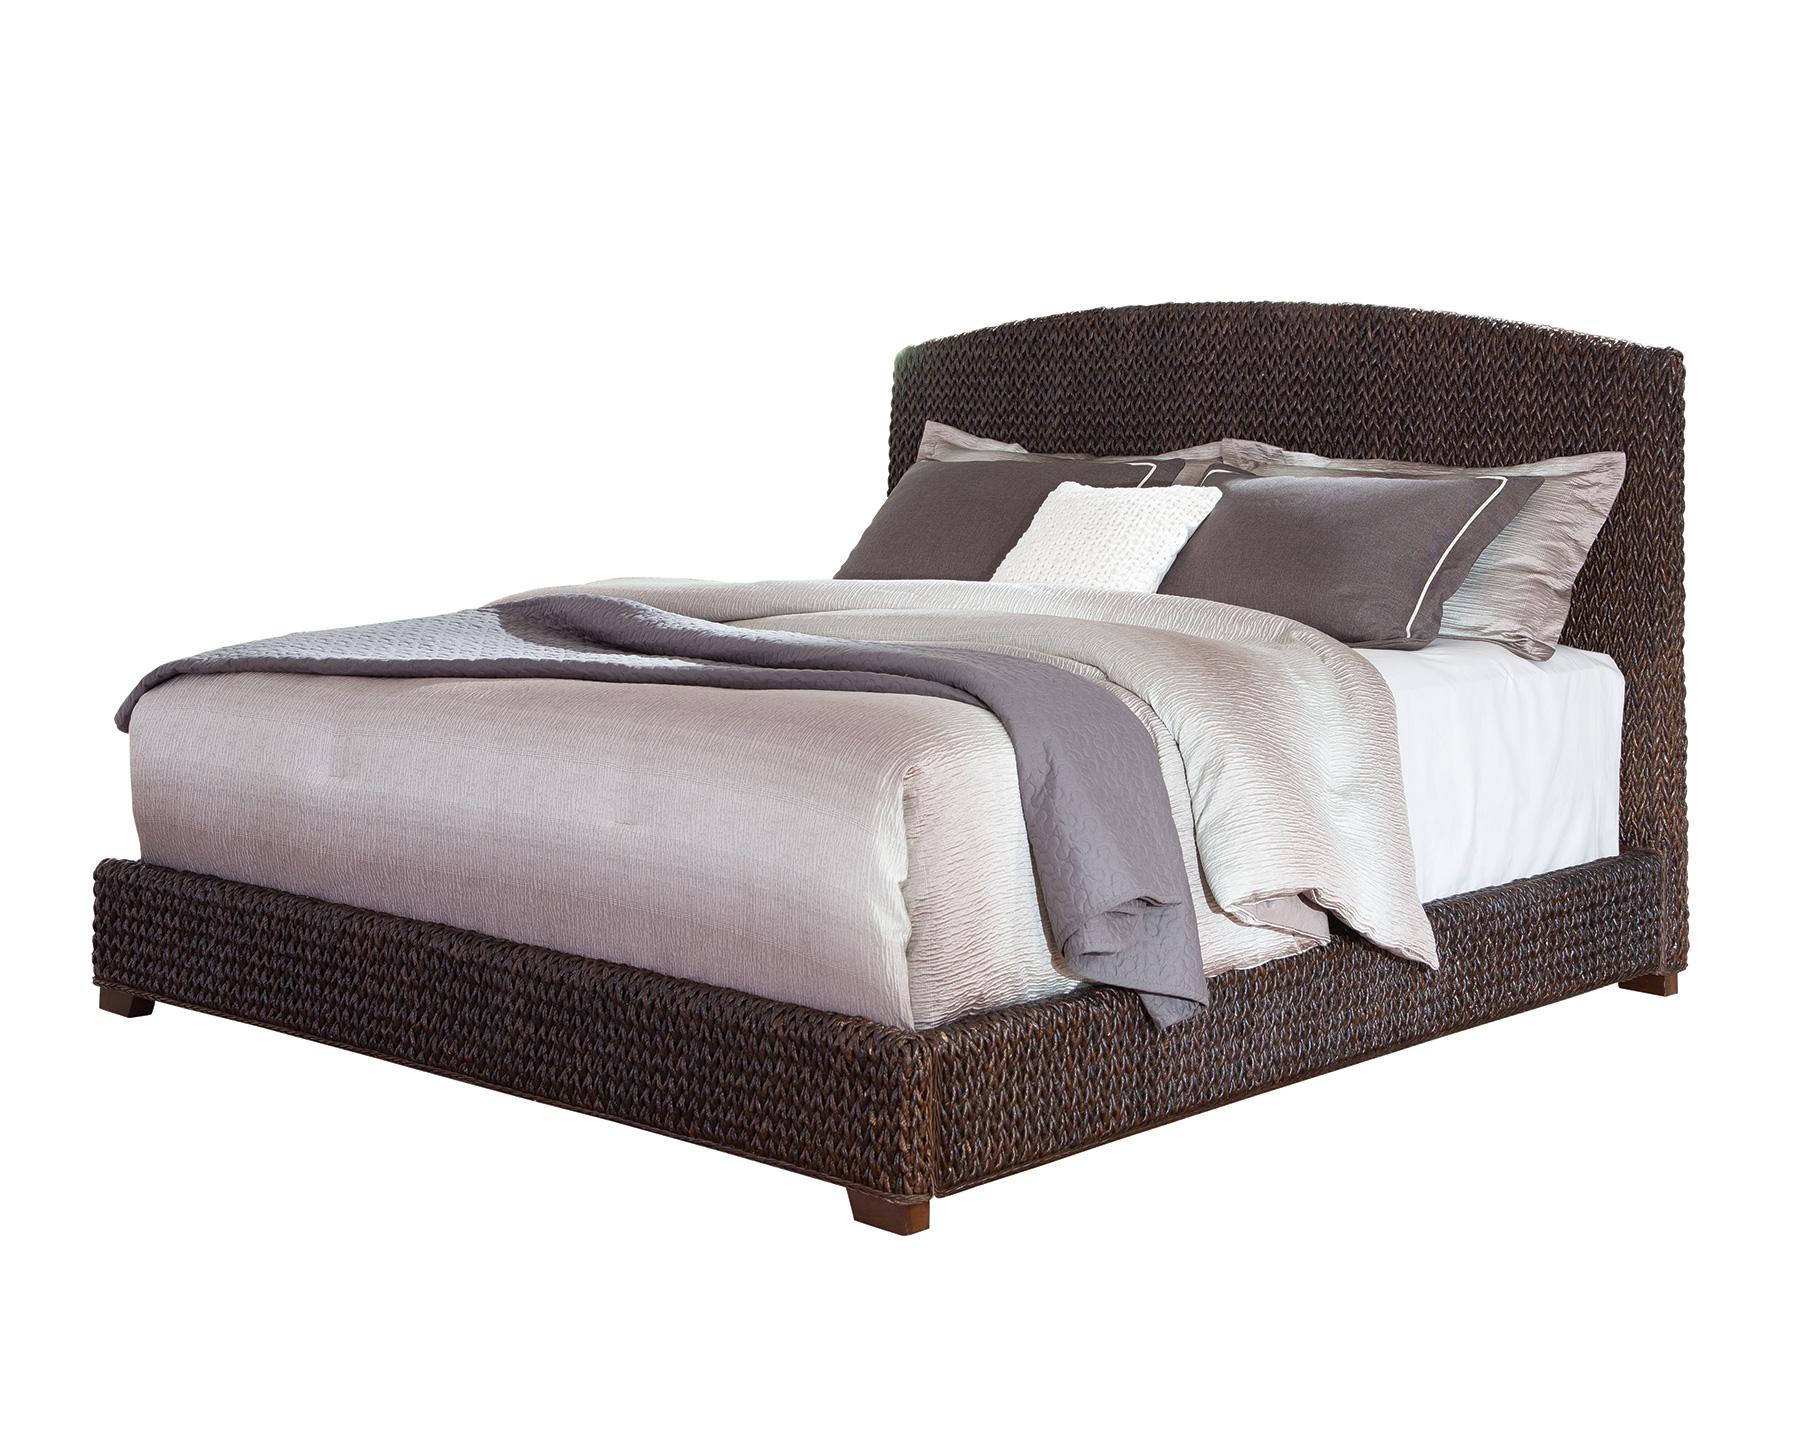 Coaster Laughton Queen Bed - Item Number: 300500Q